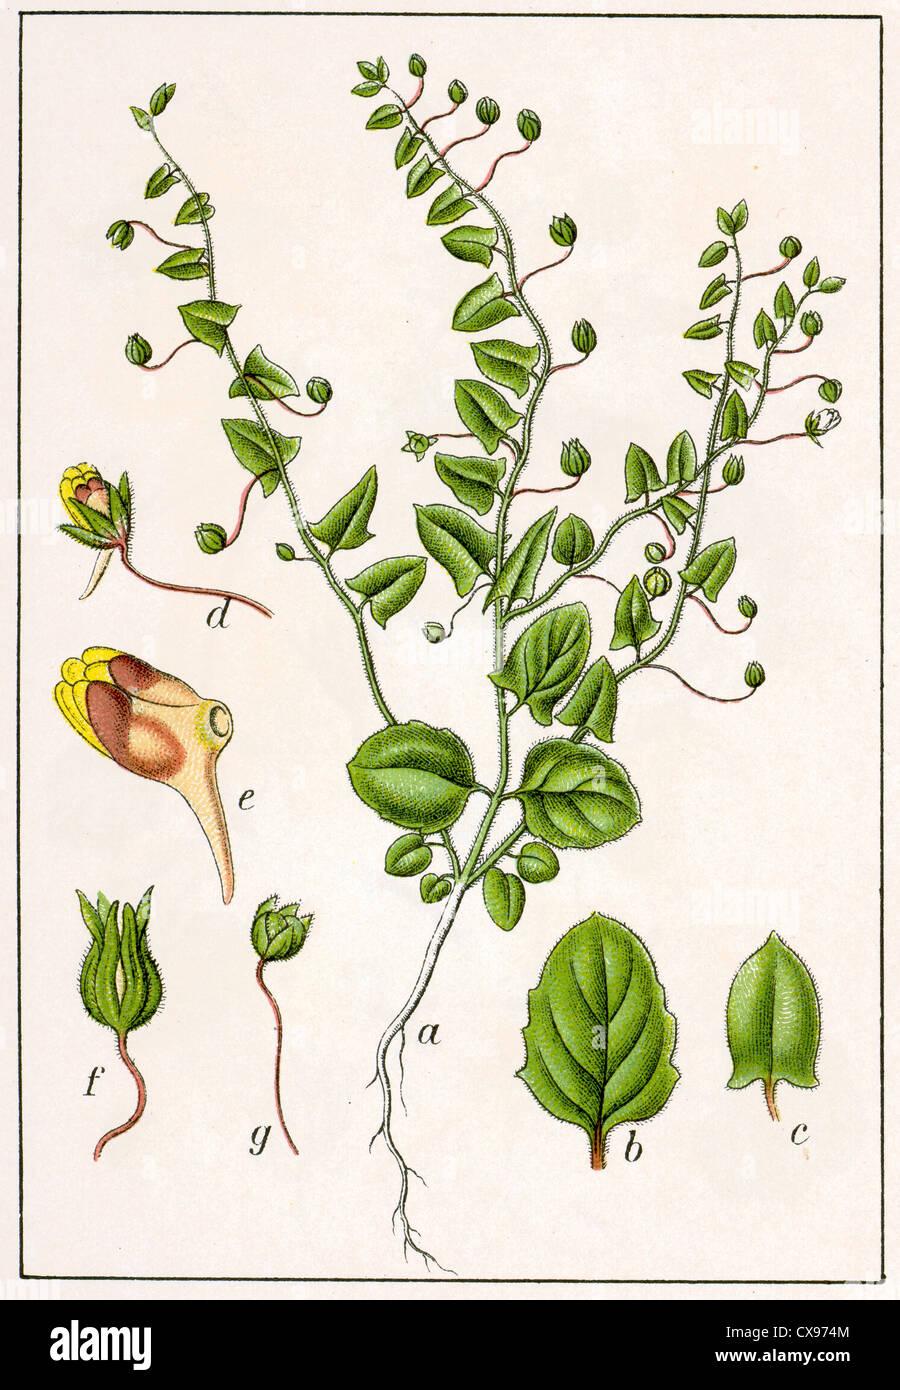 Antirrhinum elatine - Stock Image